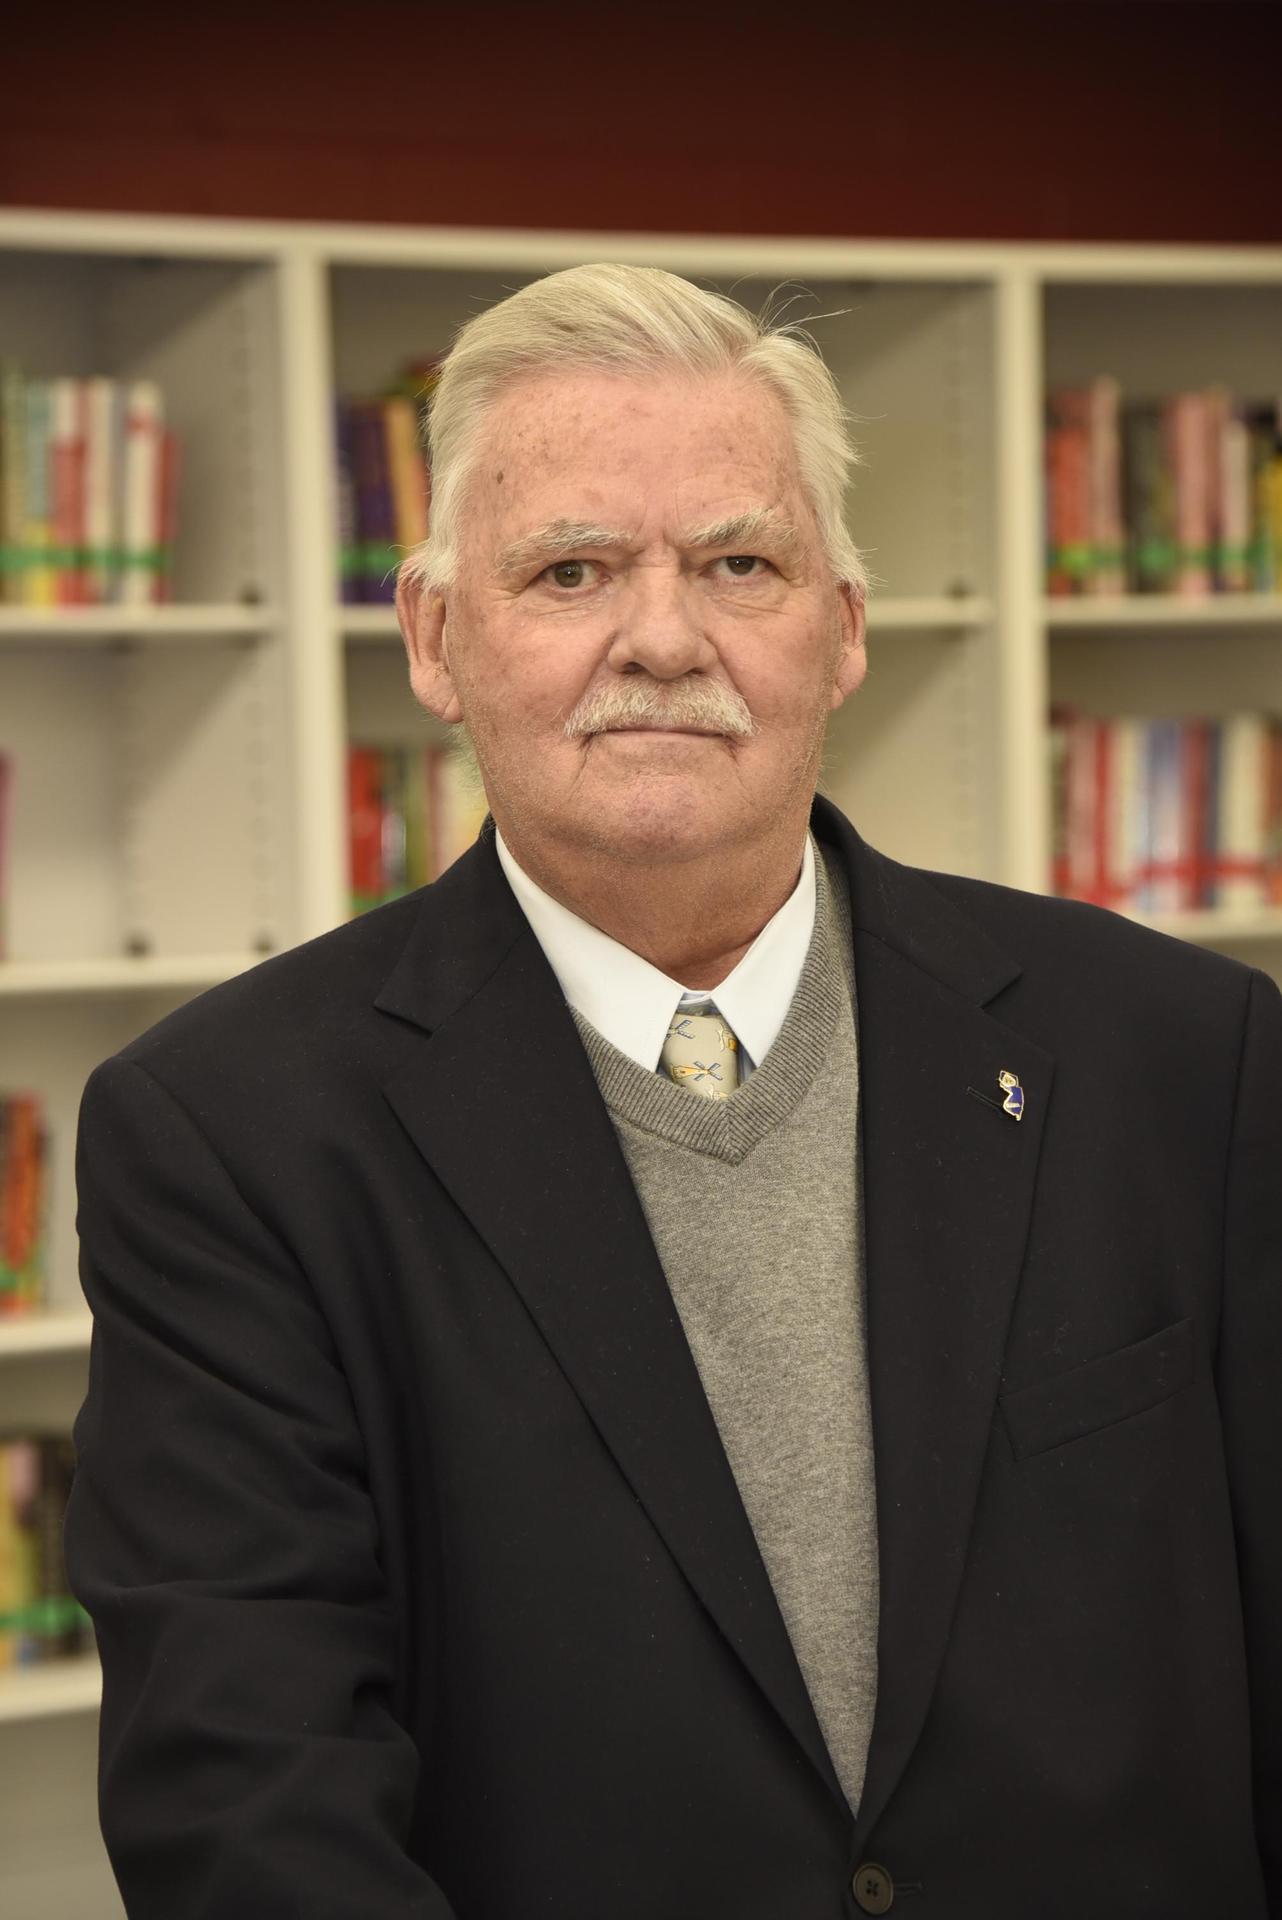 John Vander Molen - Vice President